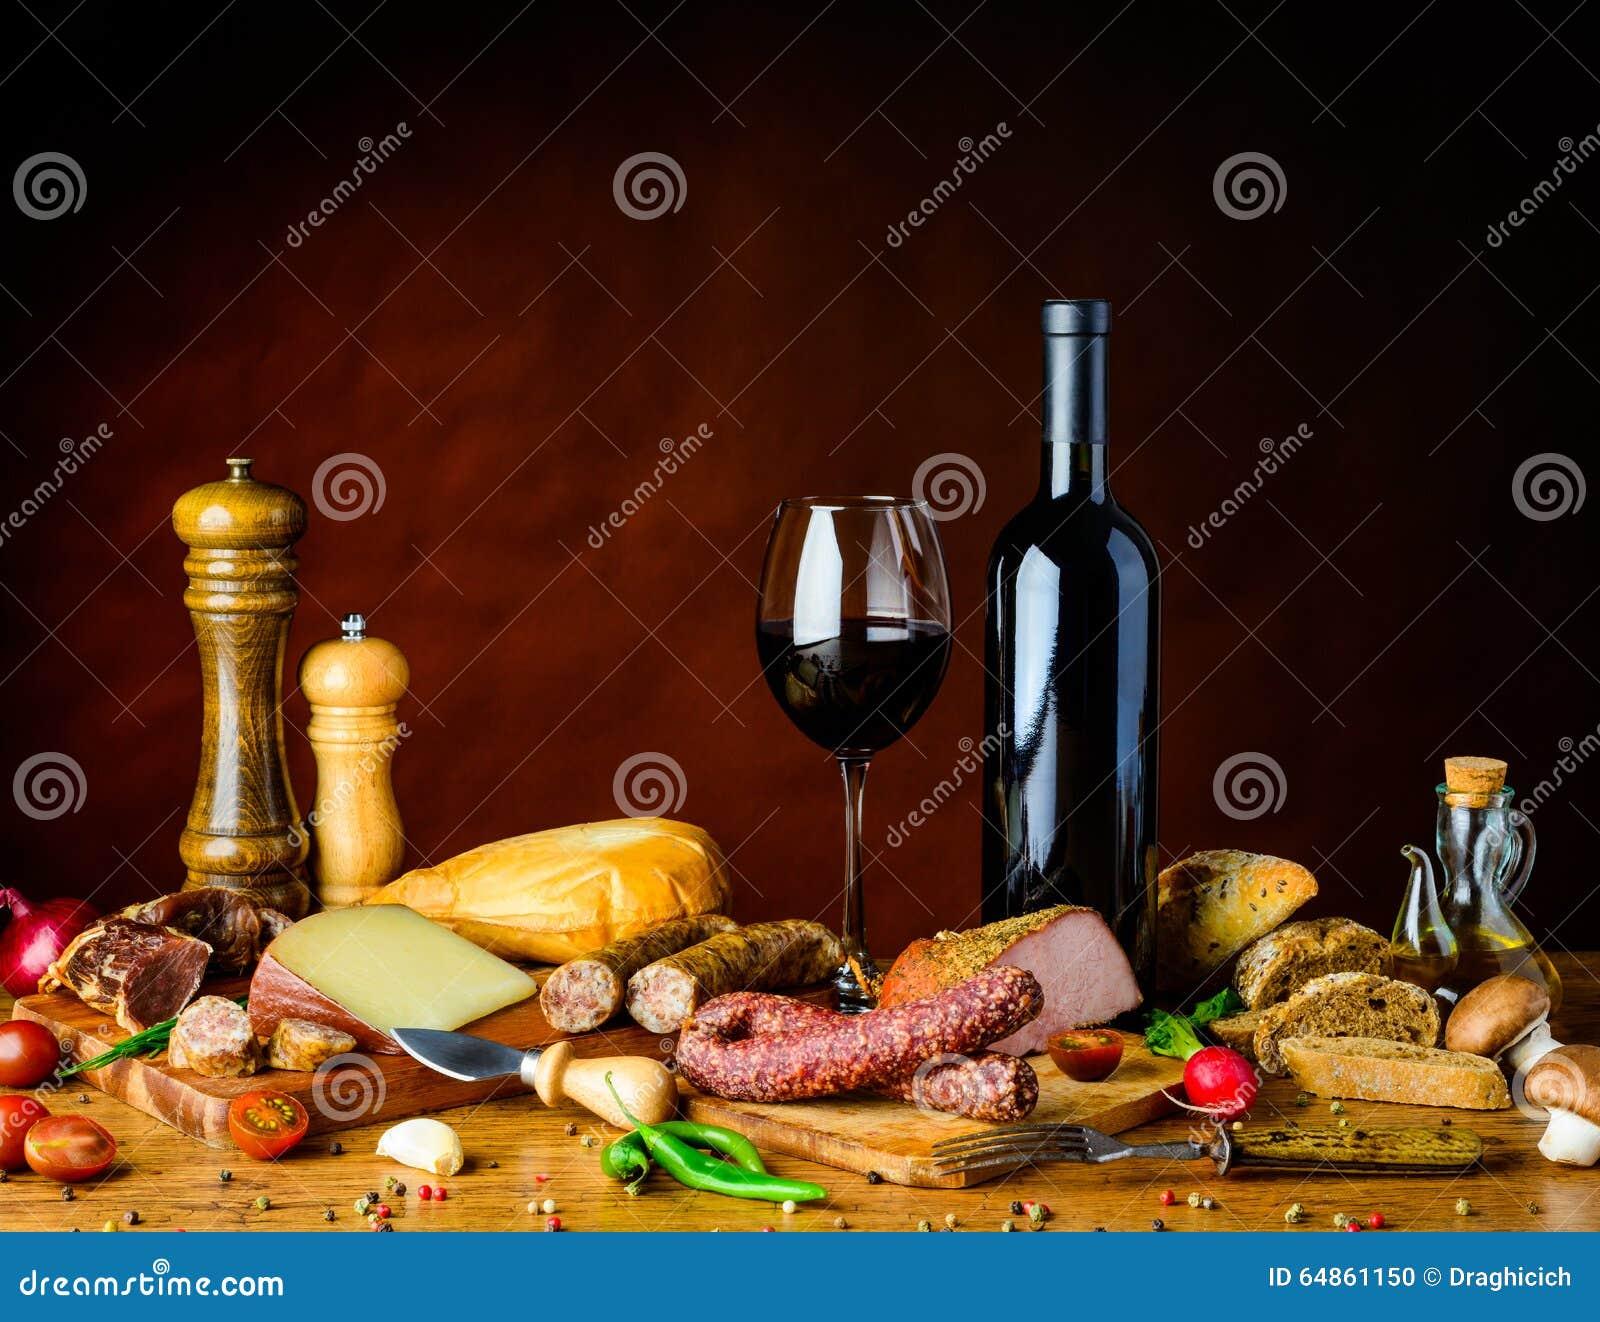 Rustic food on table